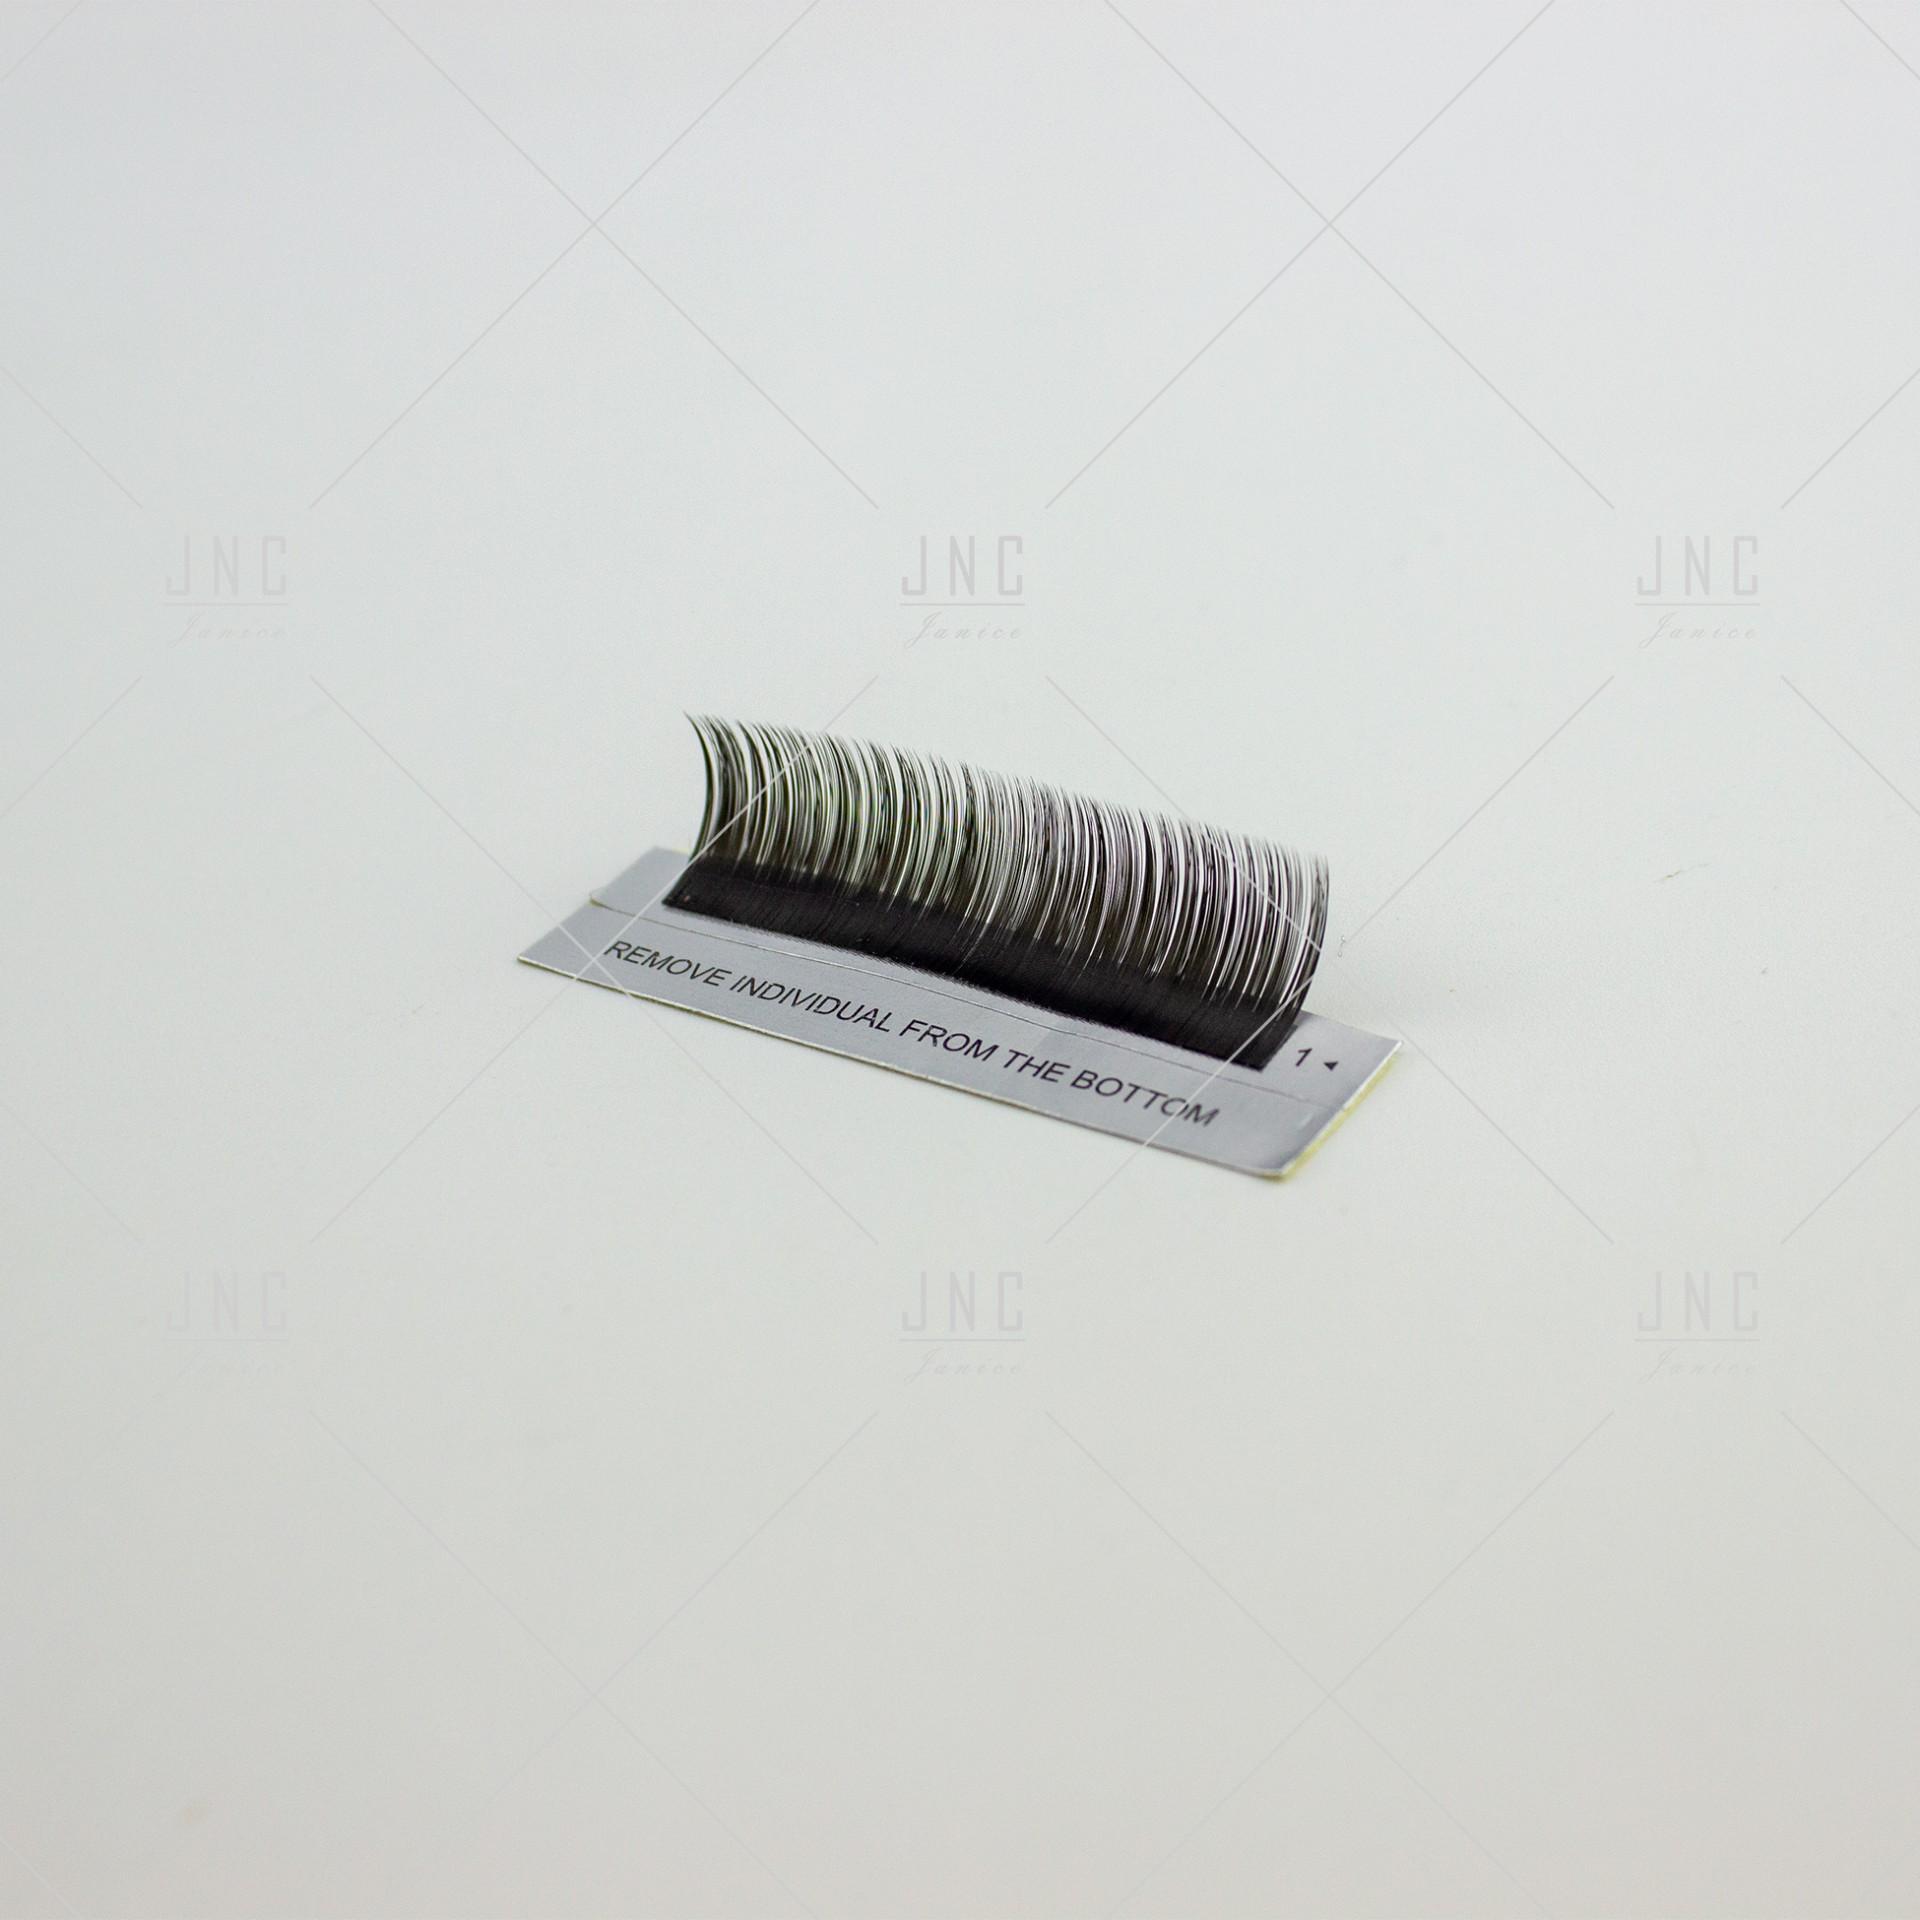 Extensão de Pestanas JNC   0.07C - 13mm   Ref.861267